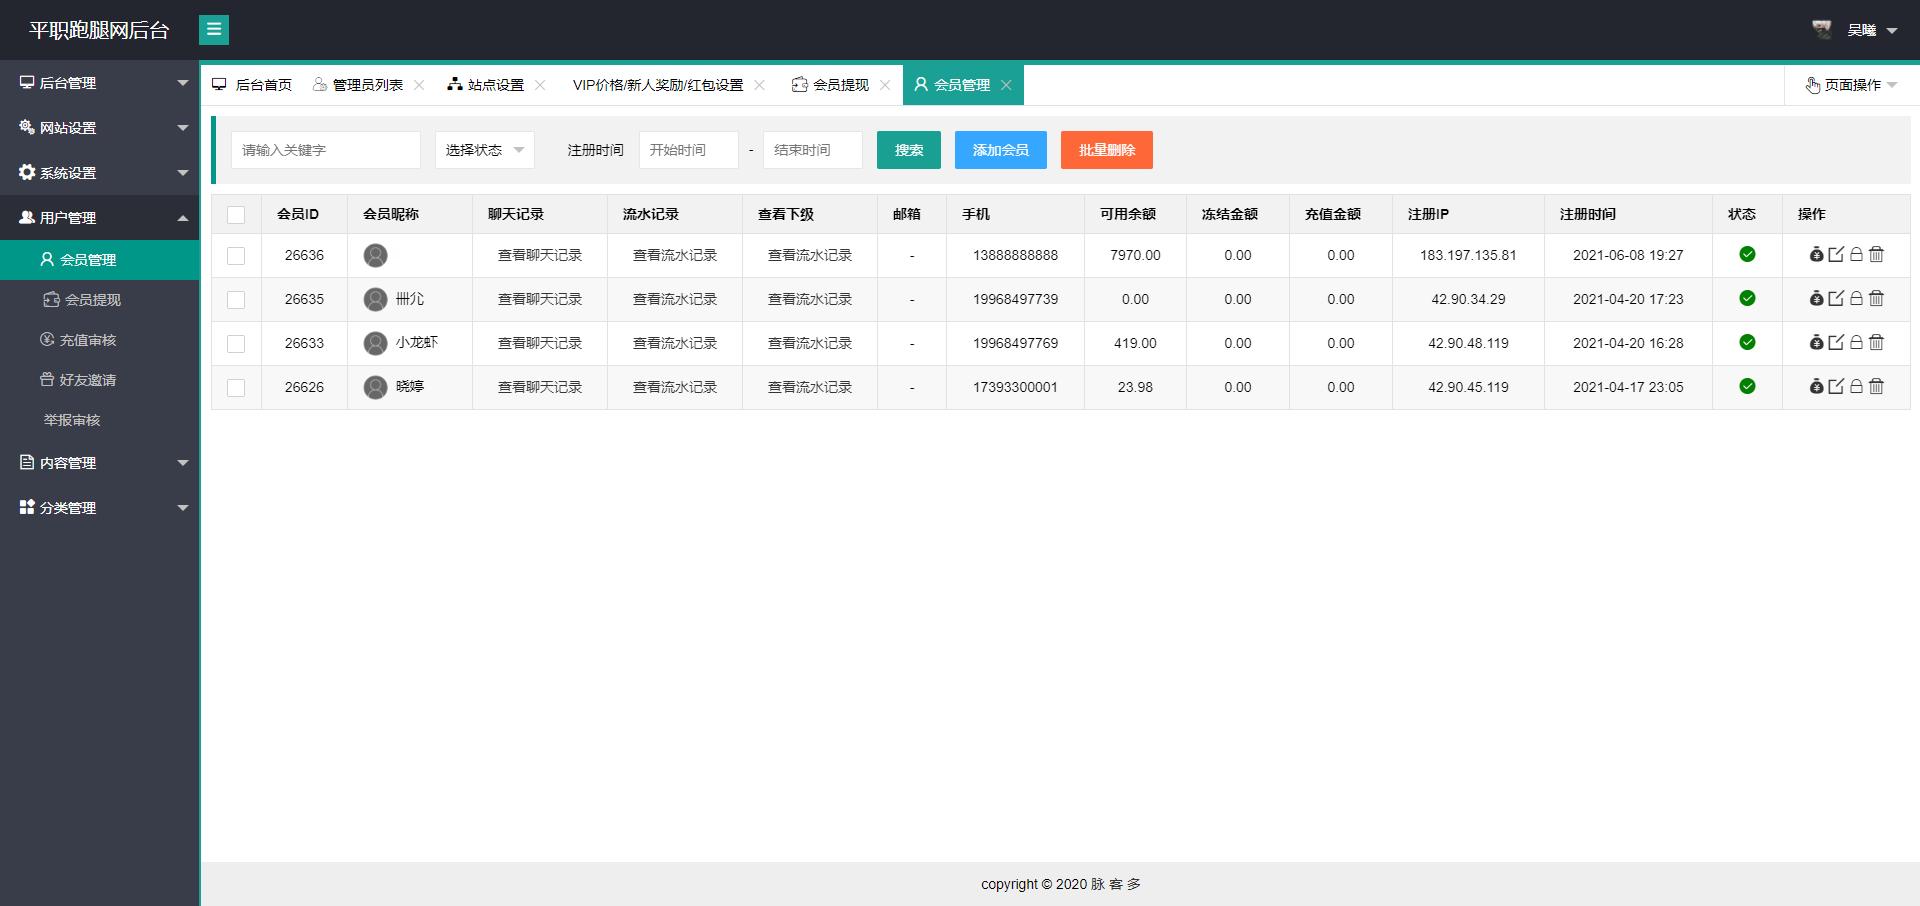 搬运丨修复版PHP脉客多众人帮H5任务悬赏系统源码下载